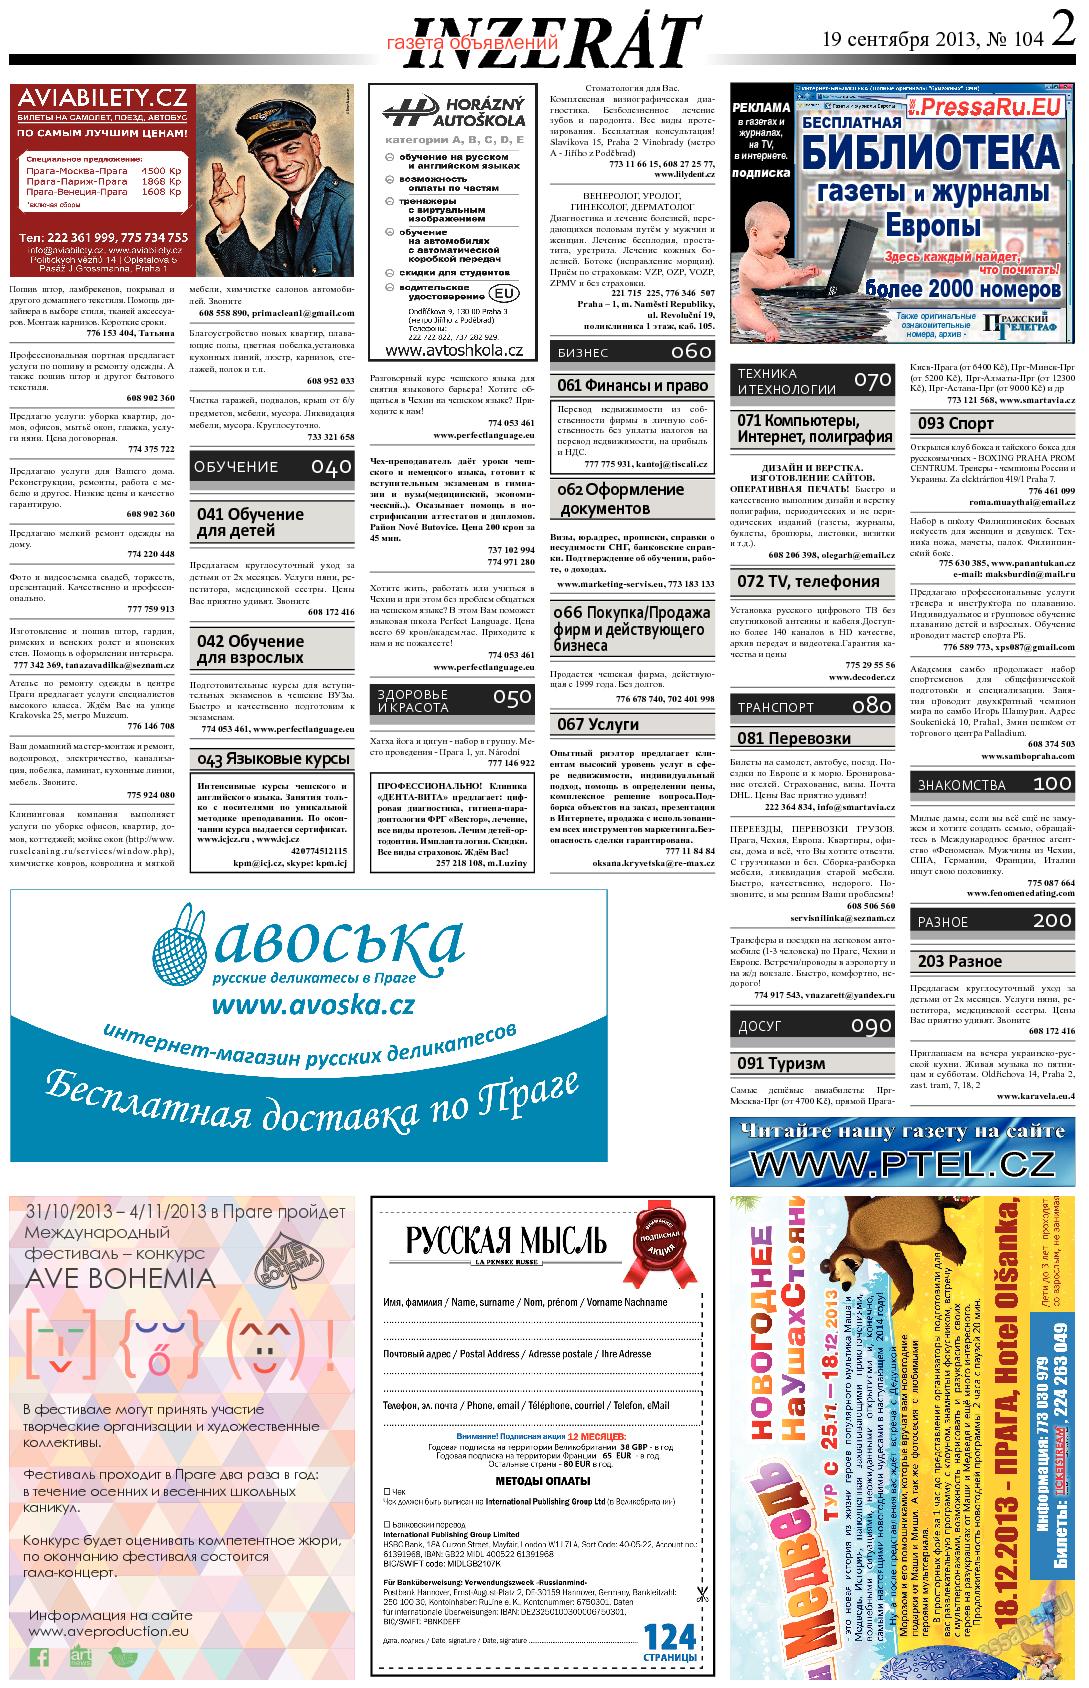 Кубана знакомства газета